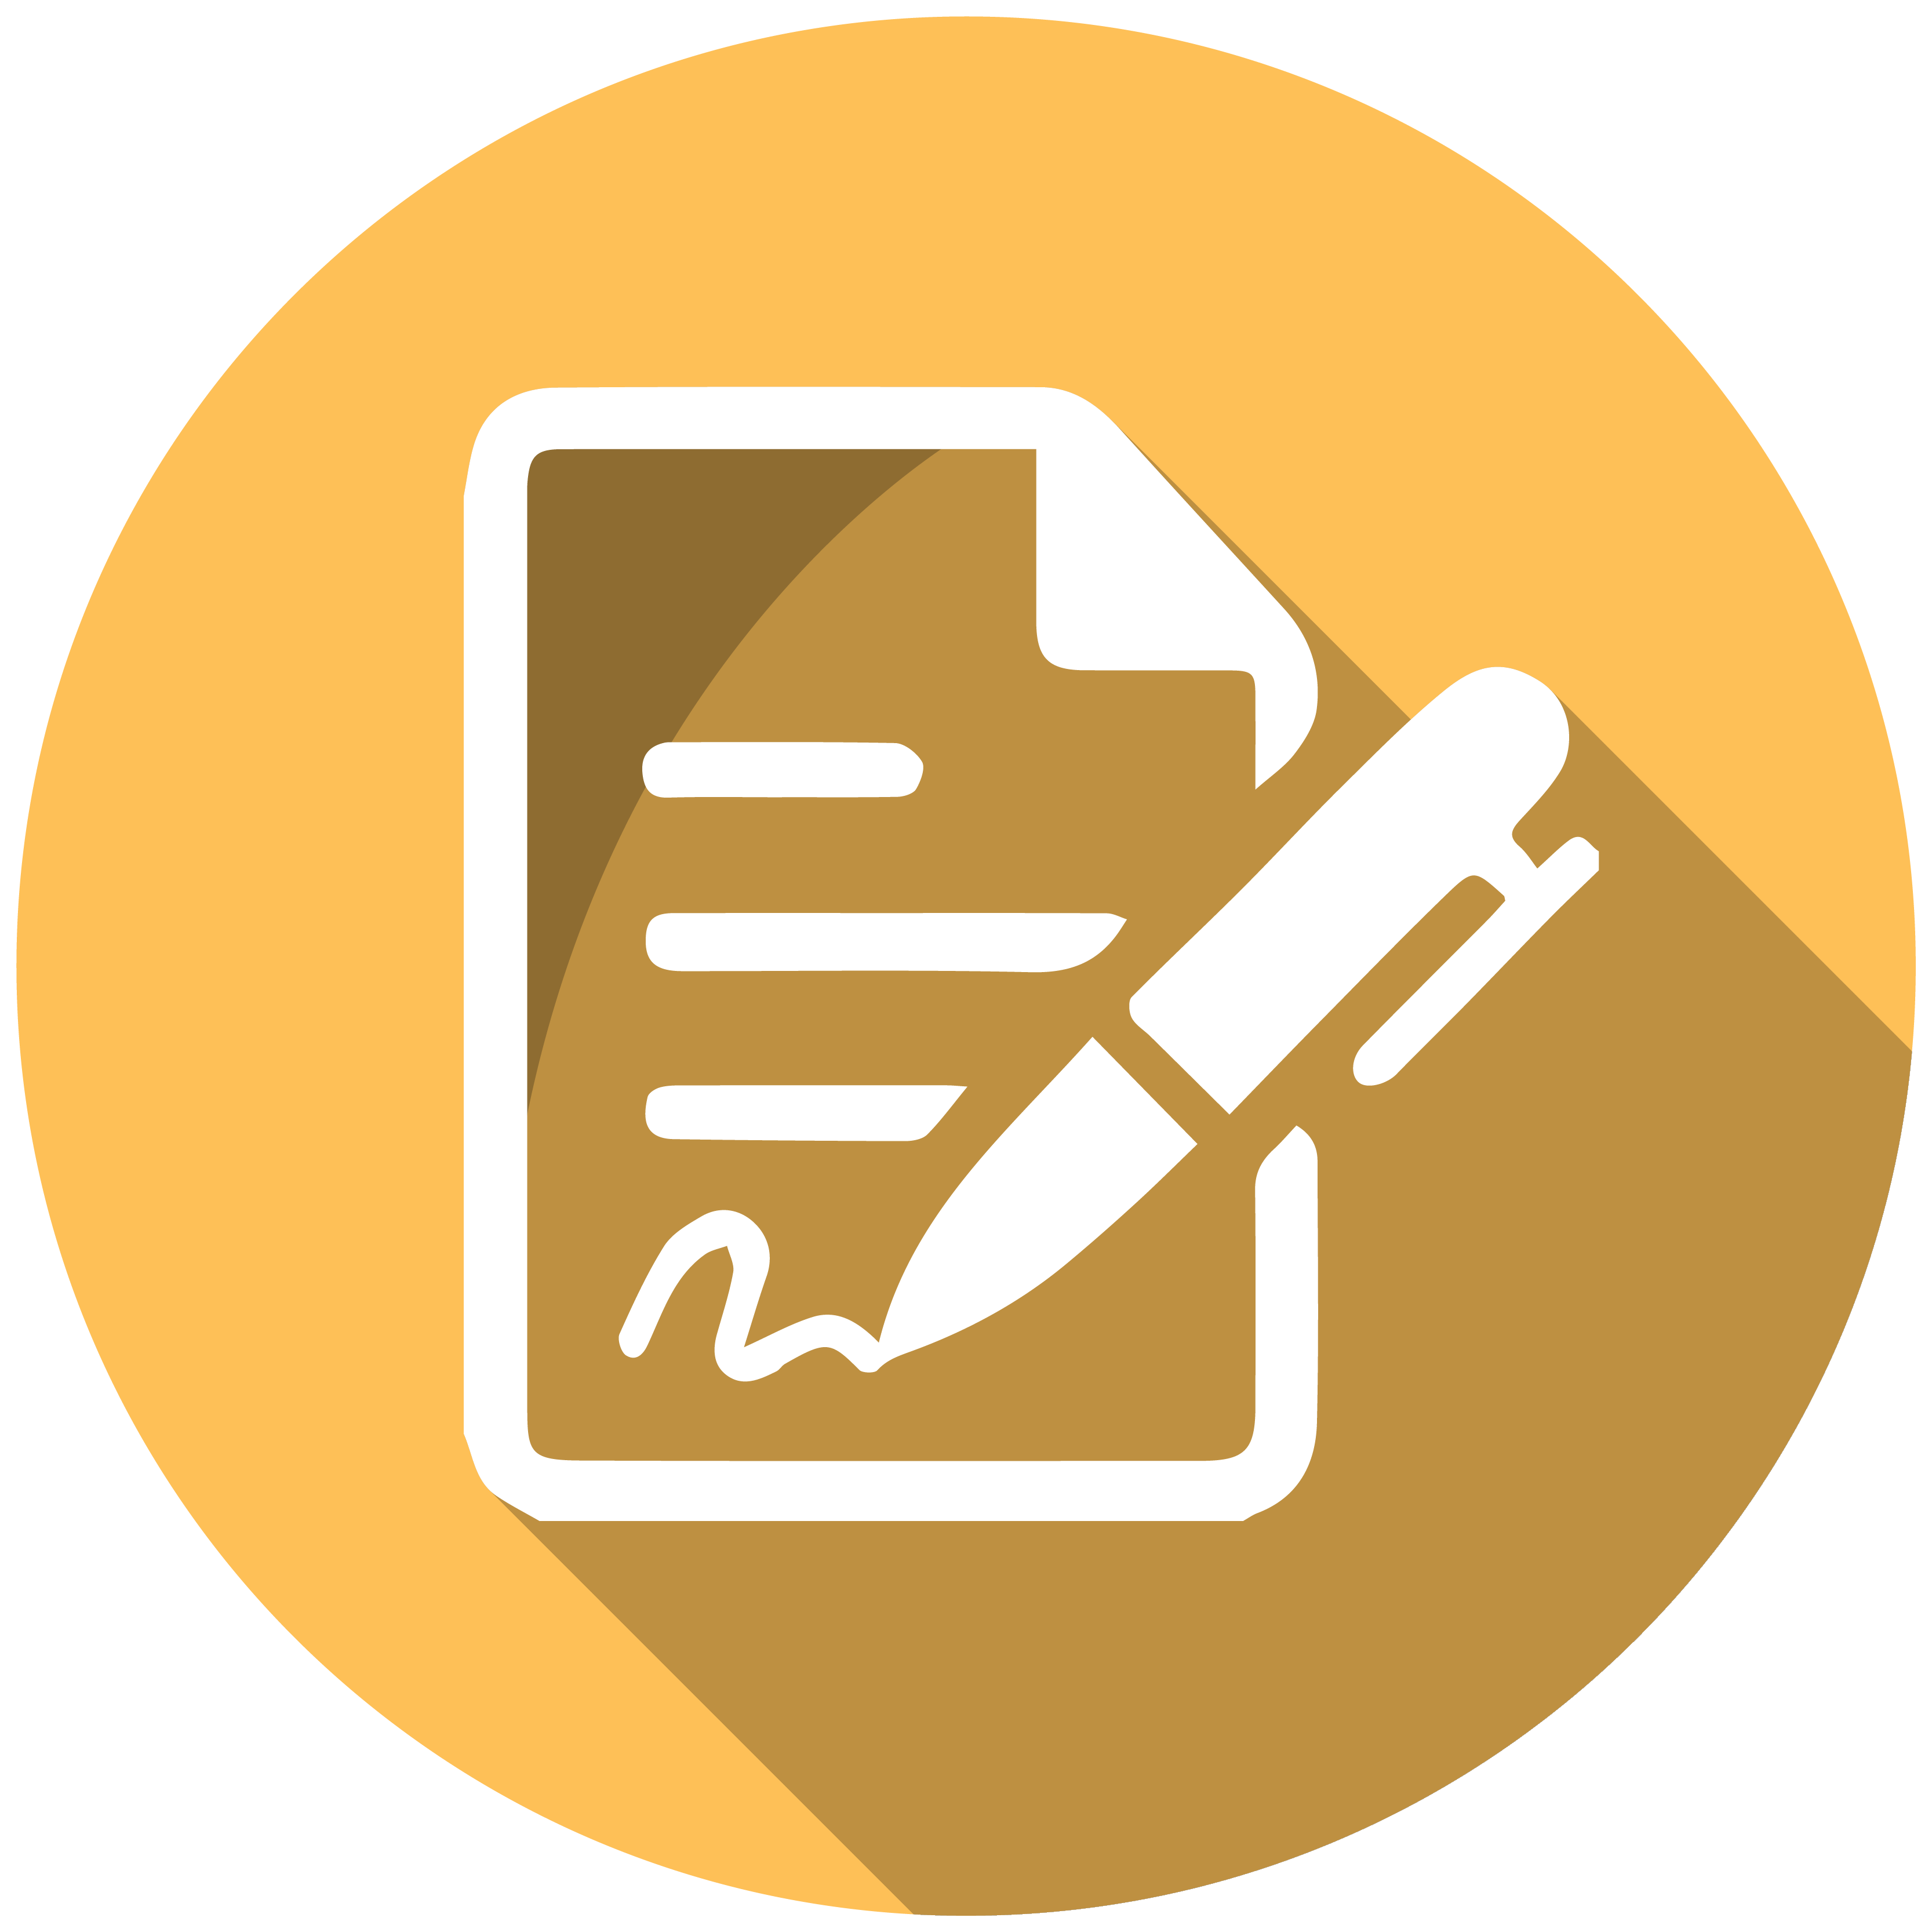 دانلود فایل کامل مبانی نظری بررسی ضمانت اجرای کیفری فریب در ازدواج